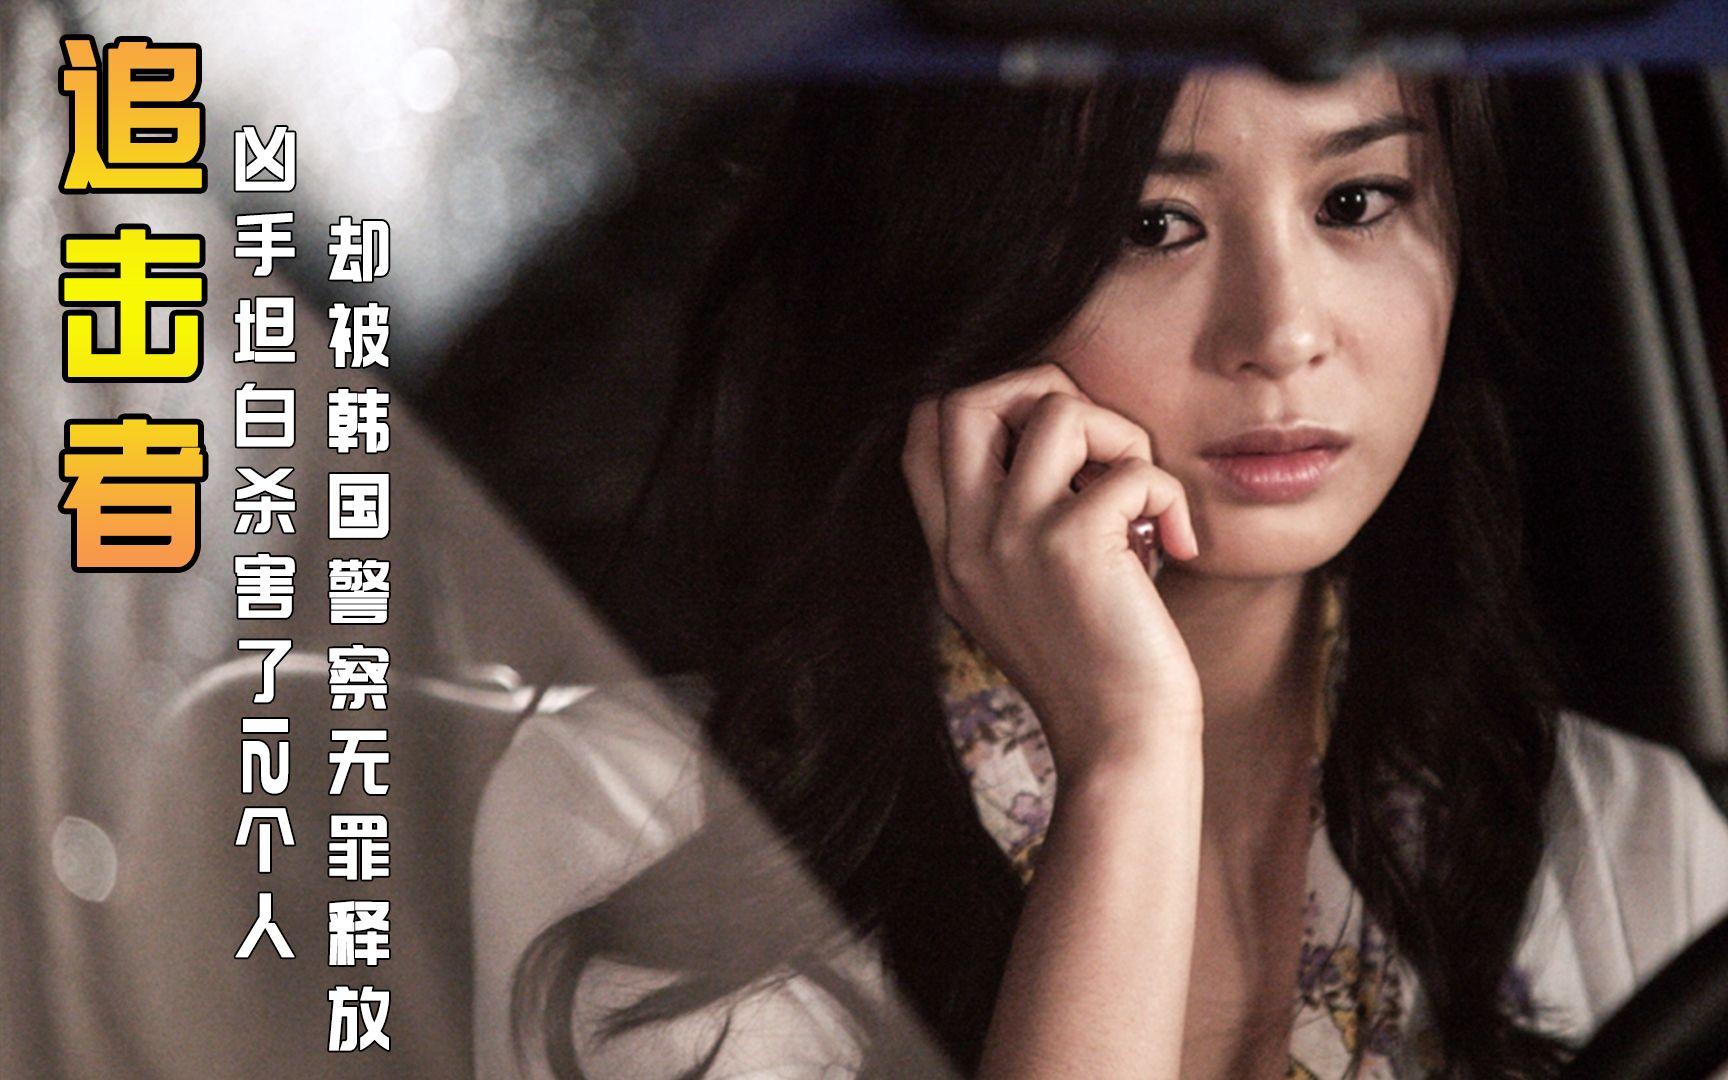 犯罪电影《追击者》:韩国人谈之色变的恶魔,专挑应召女郎下手, 全程不敢呼吸